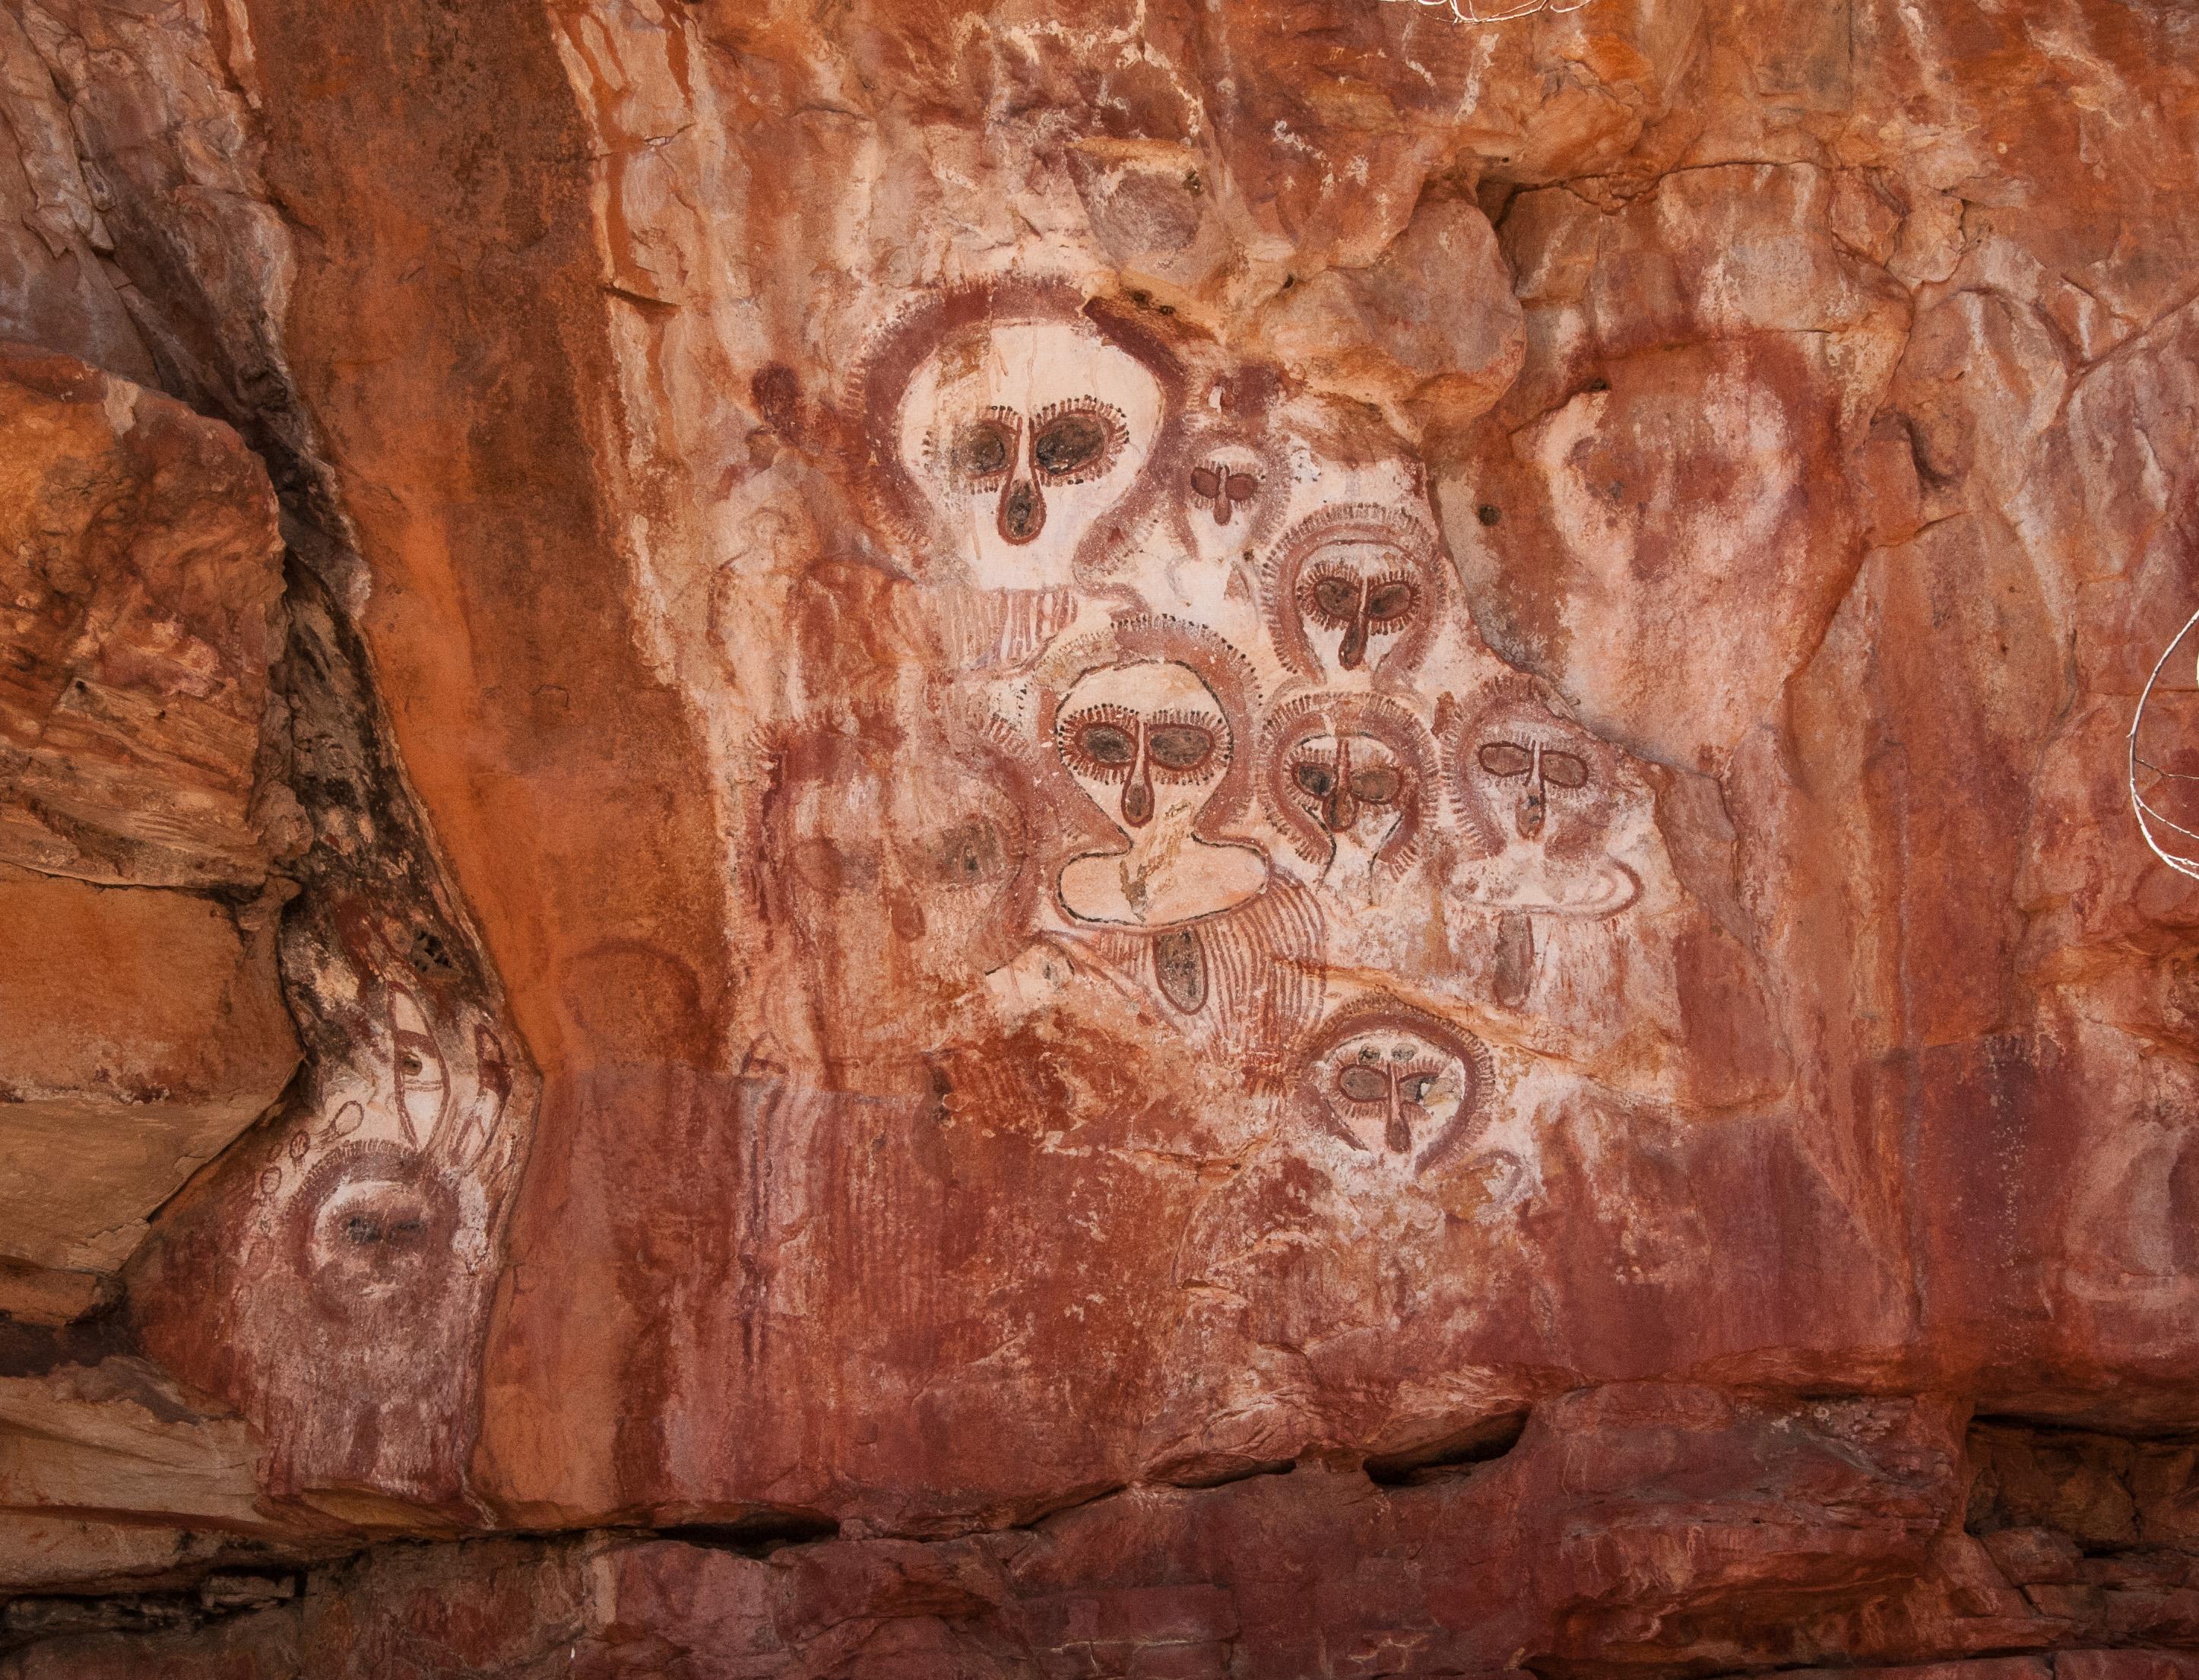 Arte aborigen australiano - Wikipedia, la enciclopedia libre